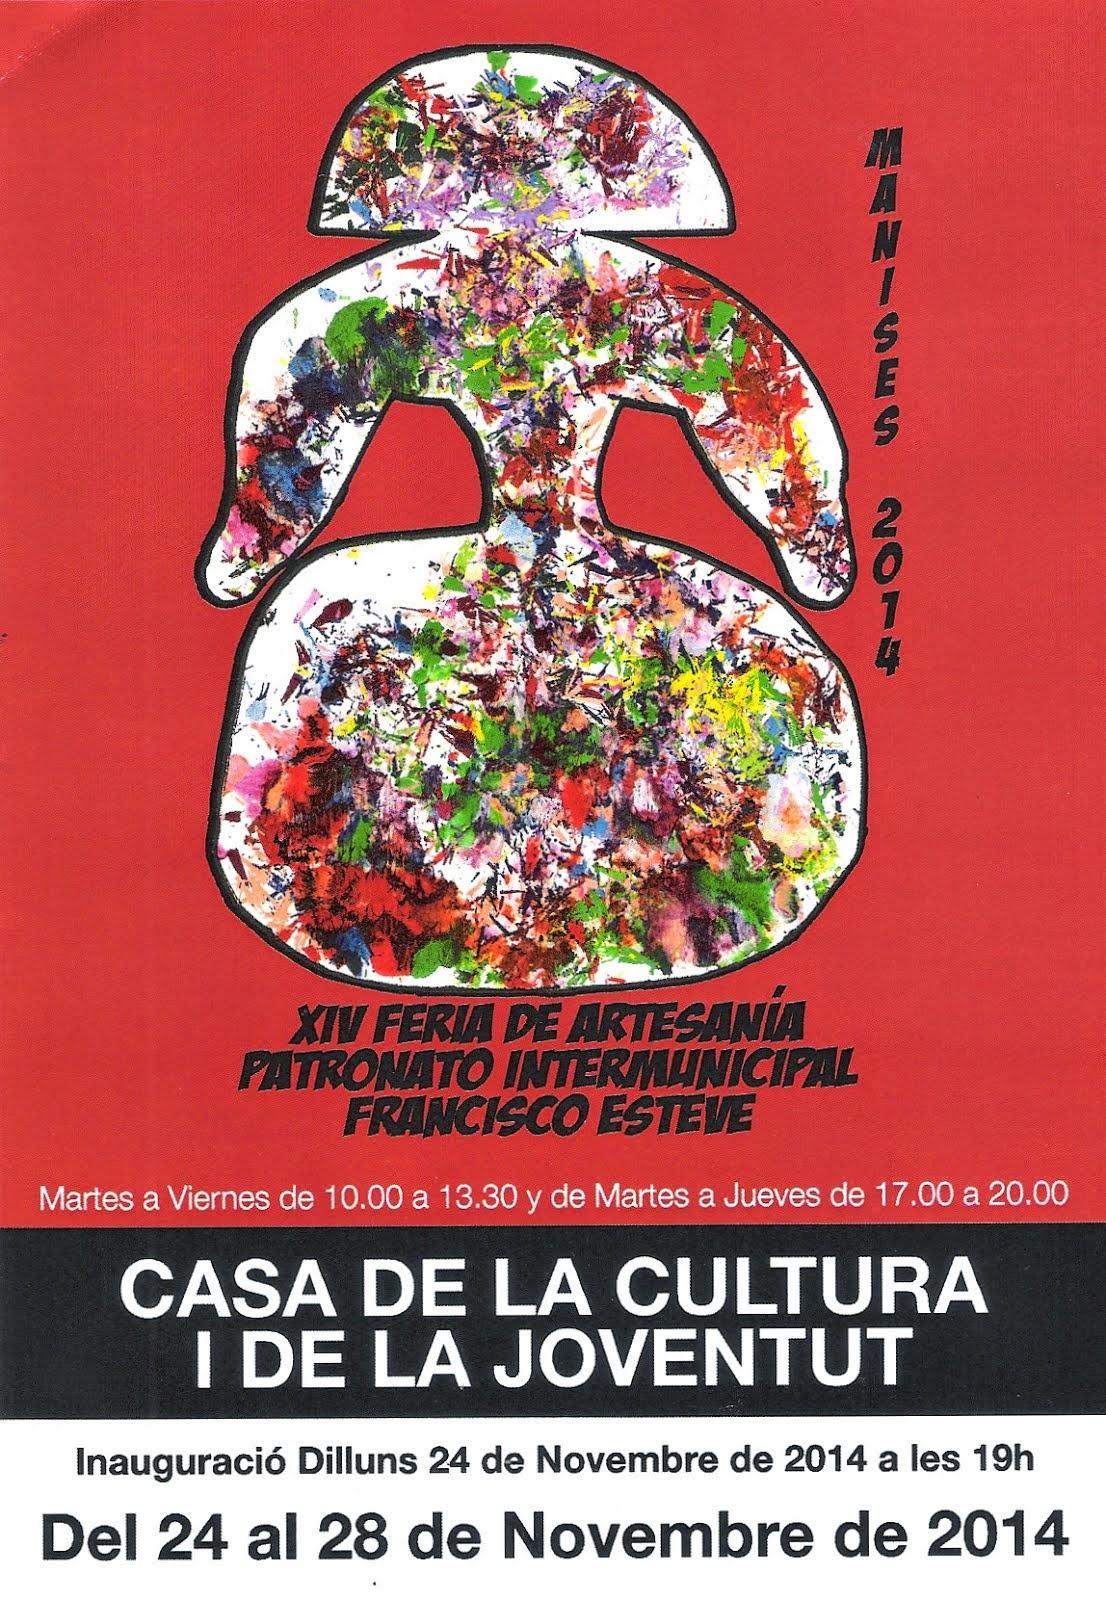 EL PATRONATO FRANCISCO ESTEVE CELEBRA SU XIV FERIA DE ARTESANÍA.